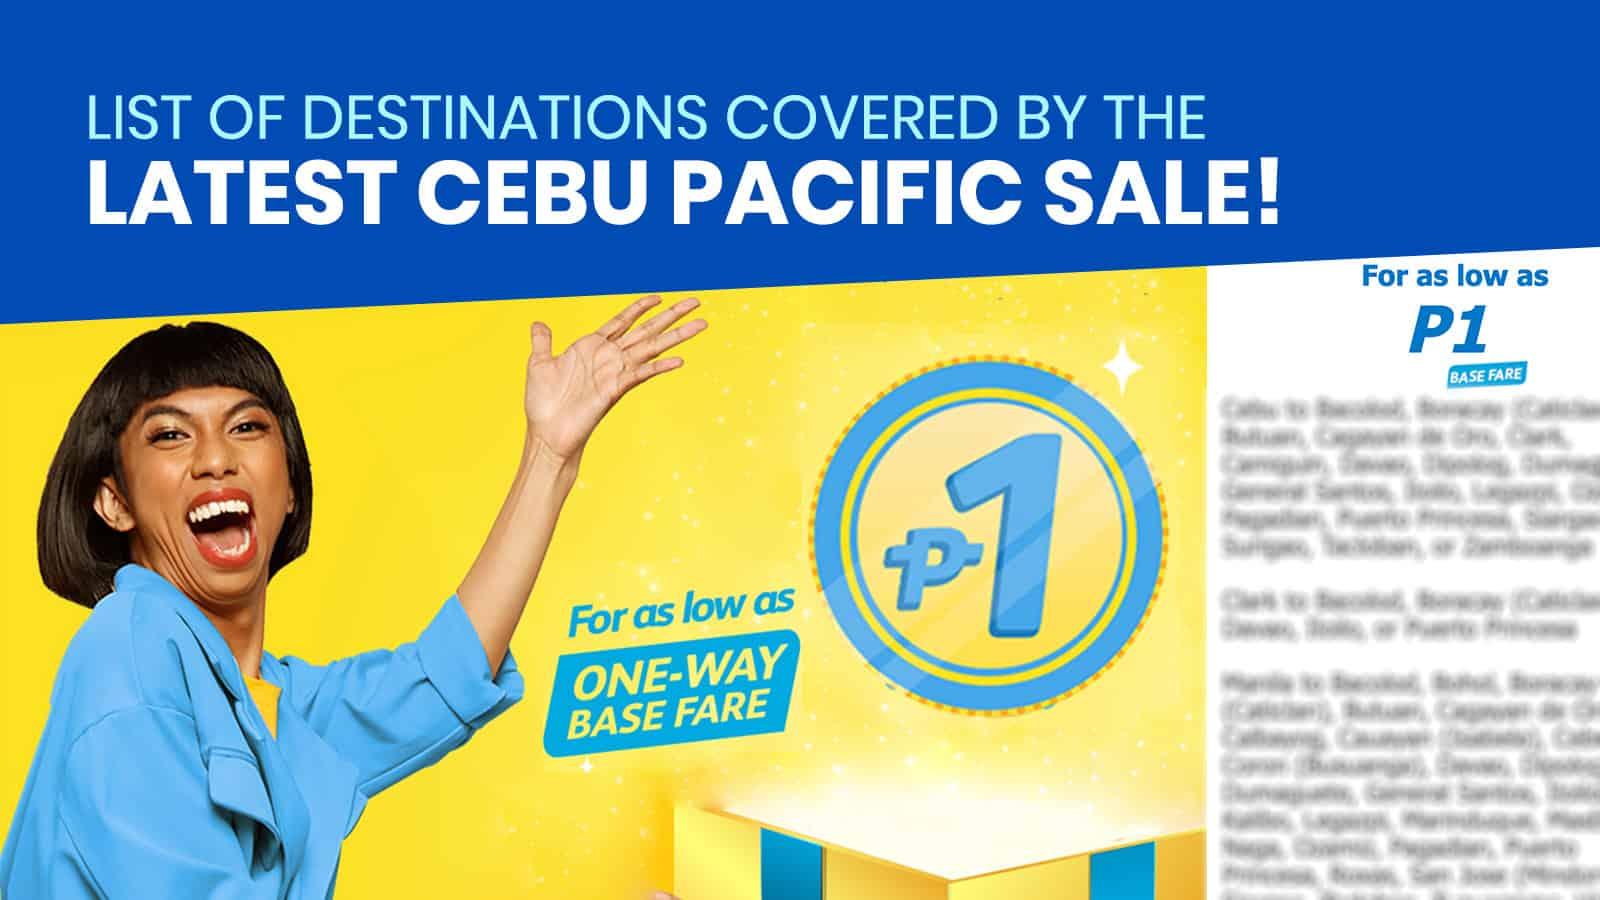 CEBU PACIFIC PROMO: 11.11 PISO SALE (For 2021 Travels)